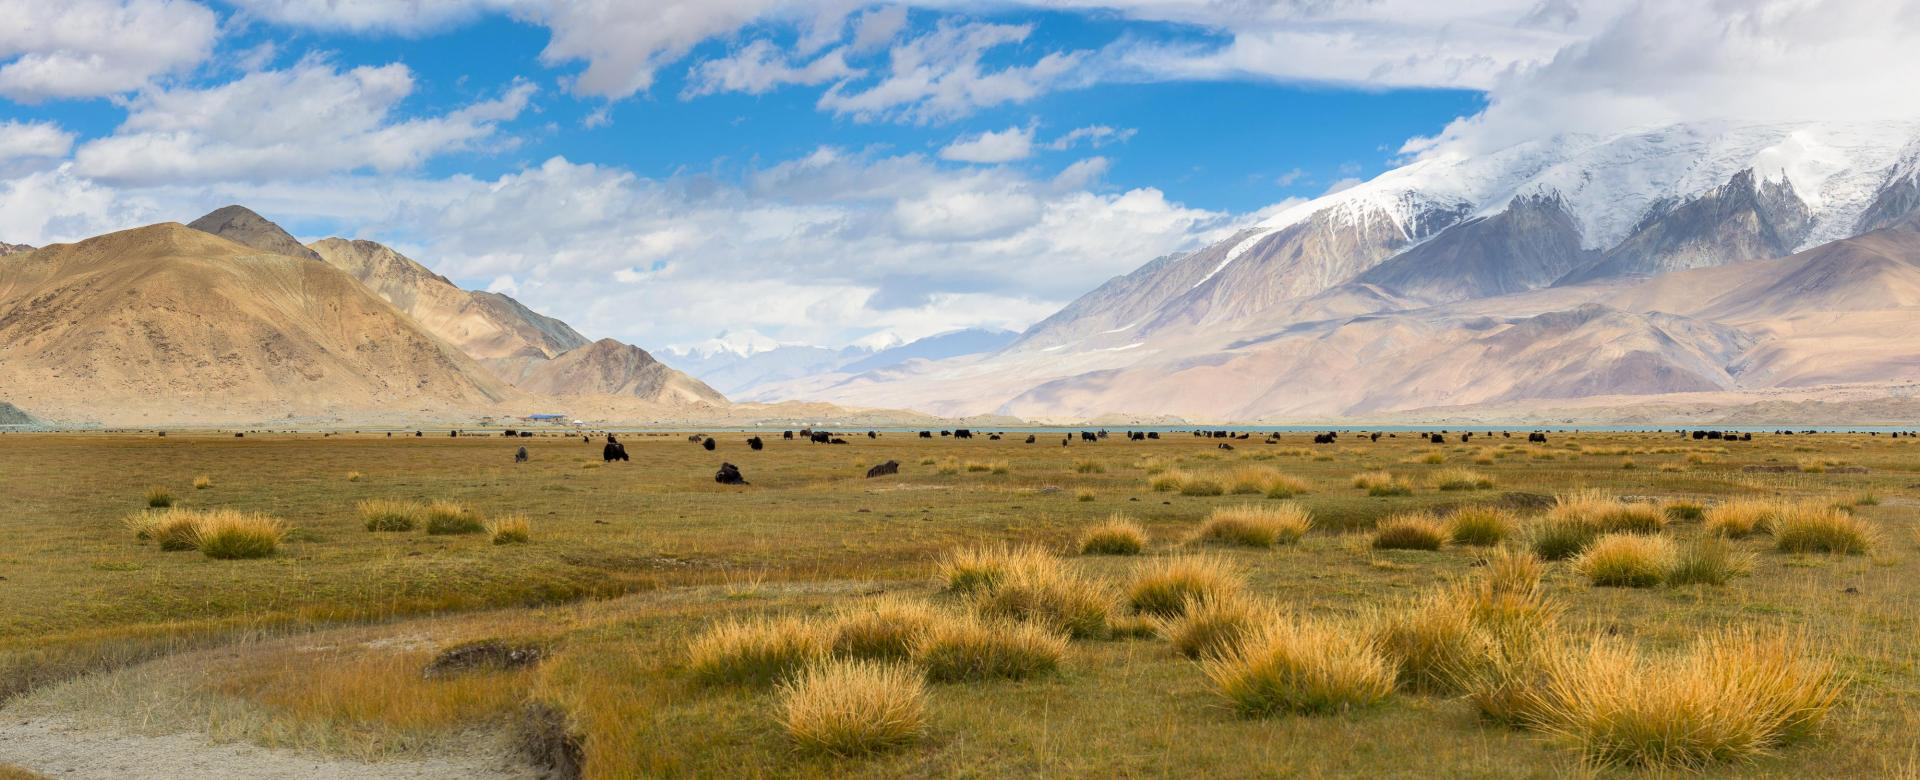 Voyage à pied : Aventure nomade sur la route de la soie